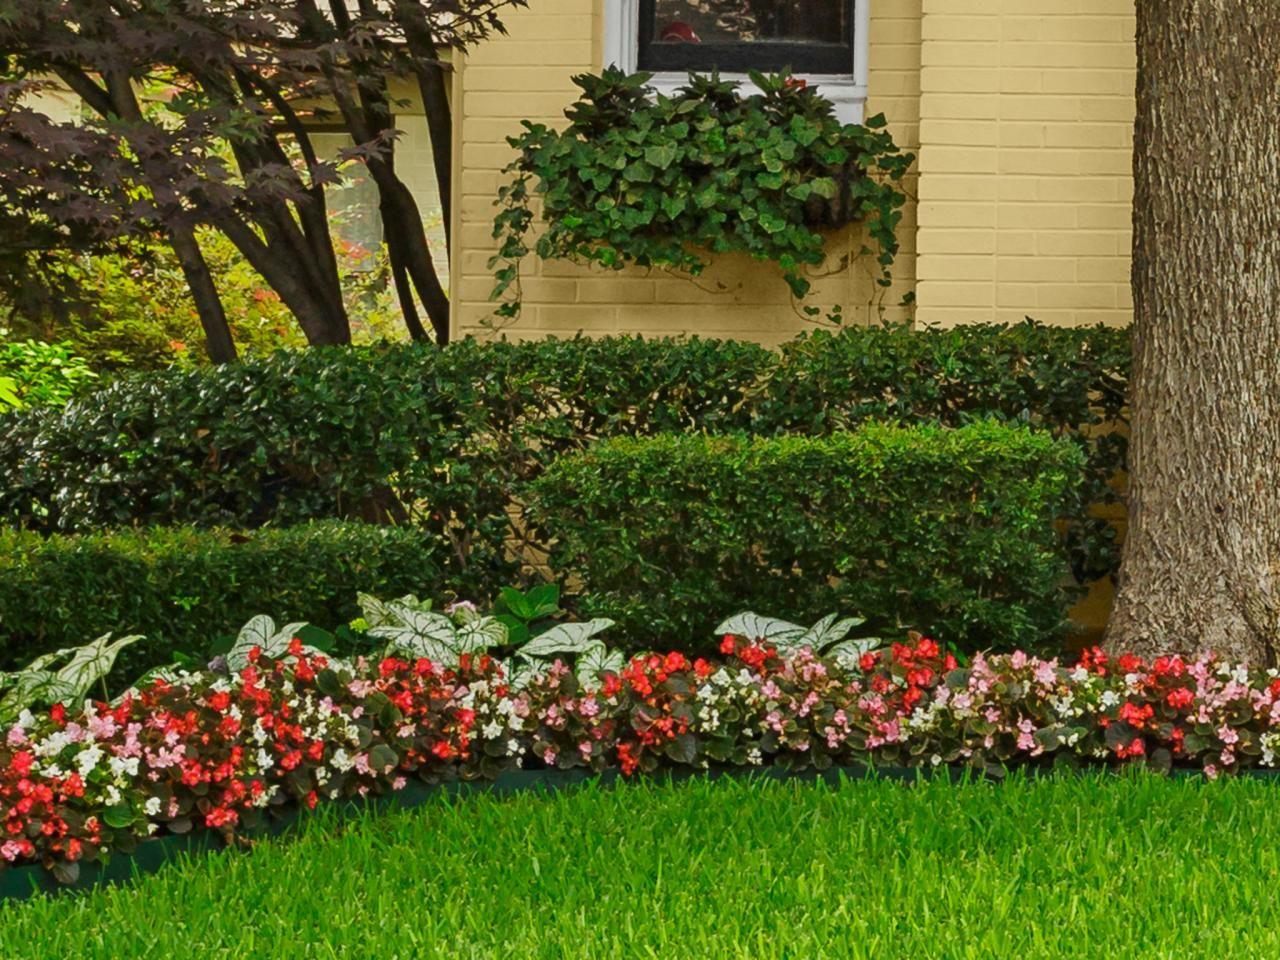 Colorful Flower Beds Front Flower Beds Front Yard Landscaping Garden Landscape Design